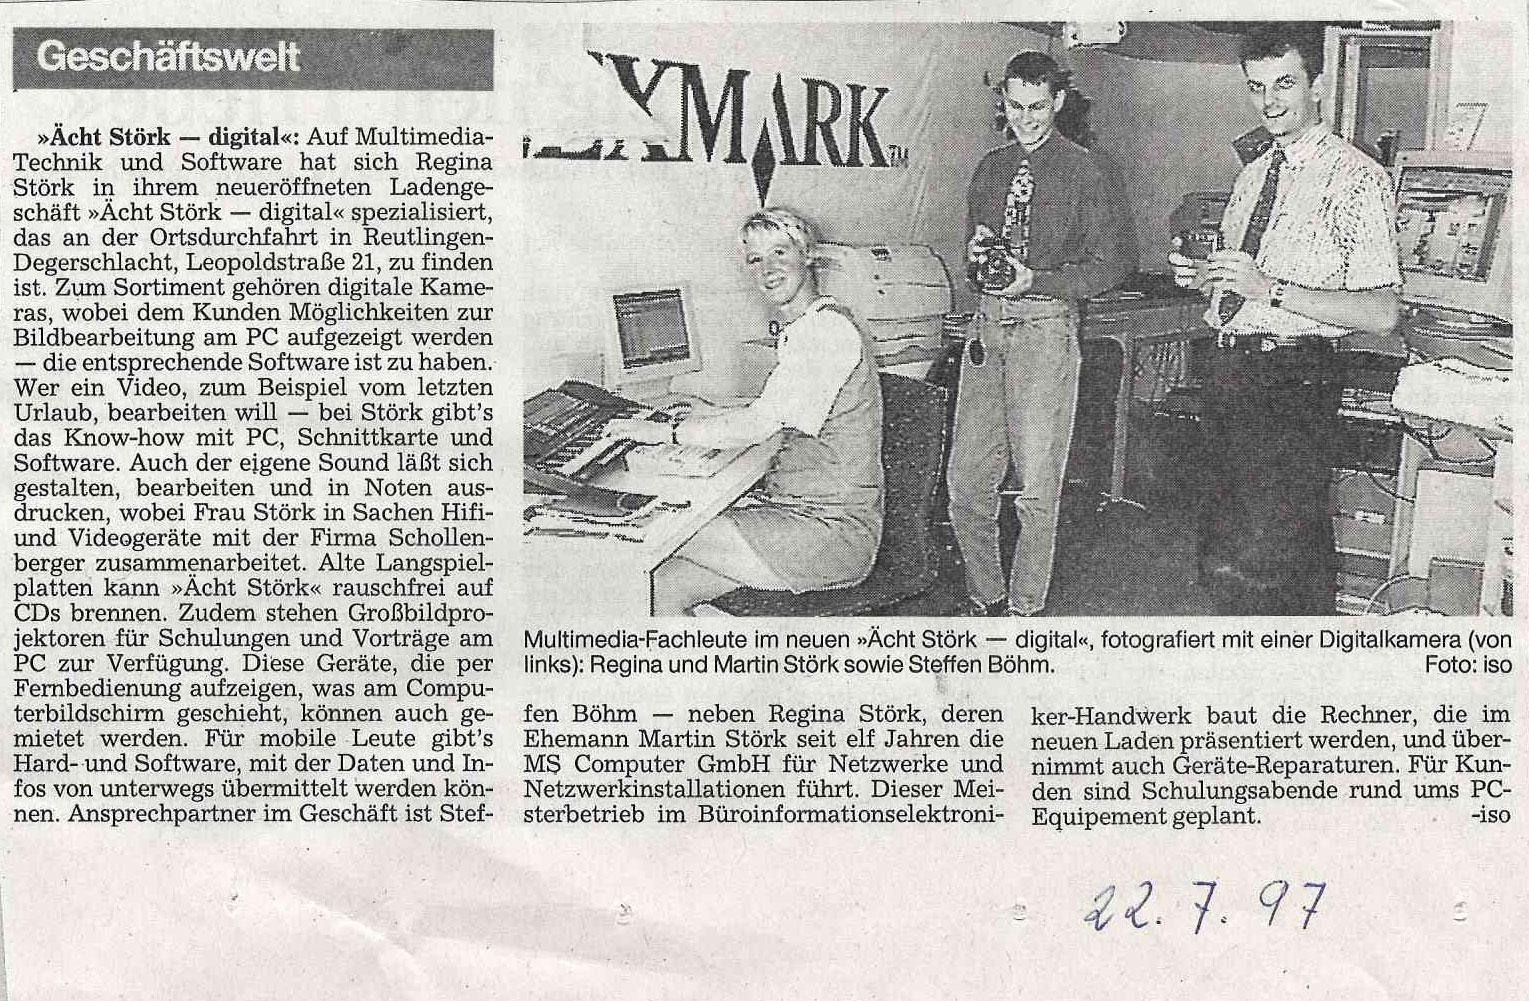 aechtDigitalGeschaeftswelt1997